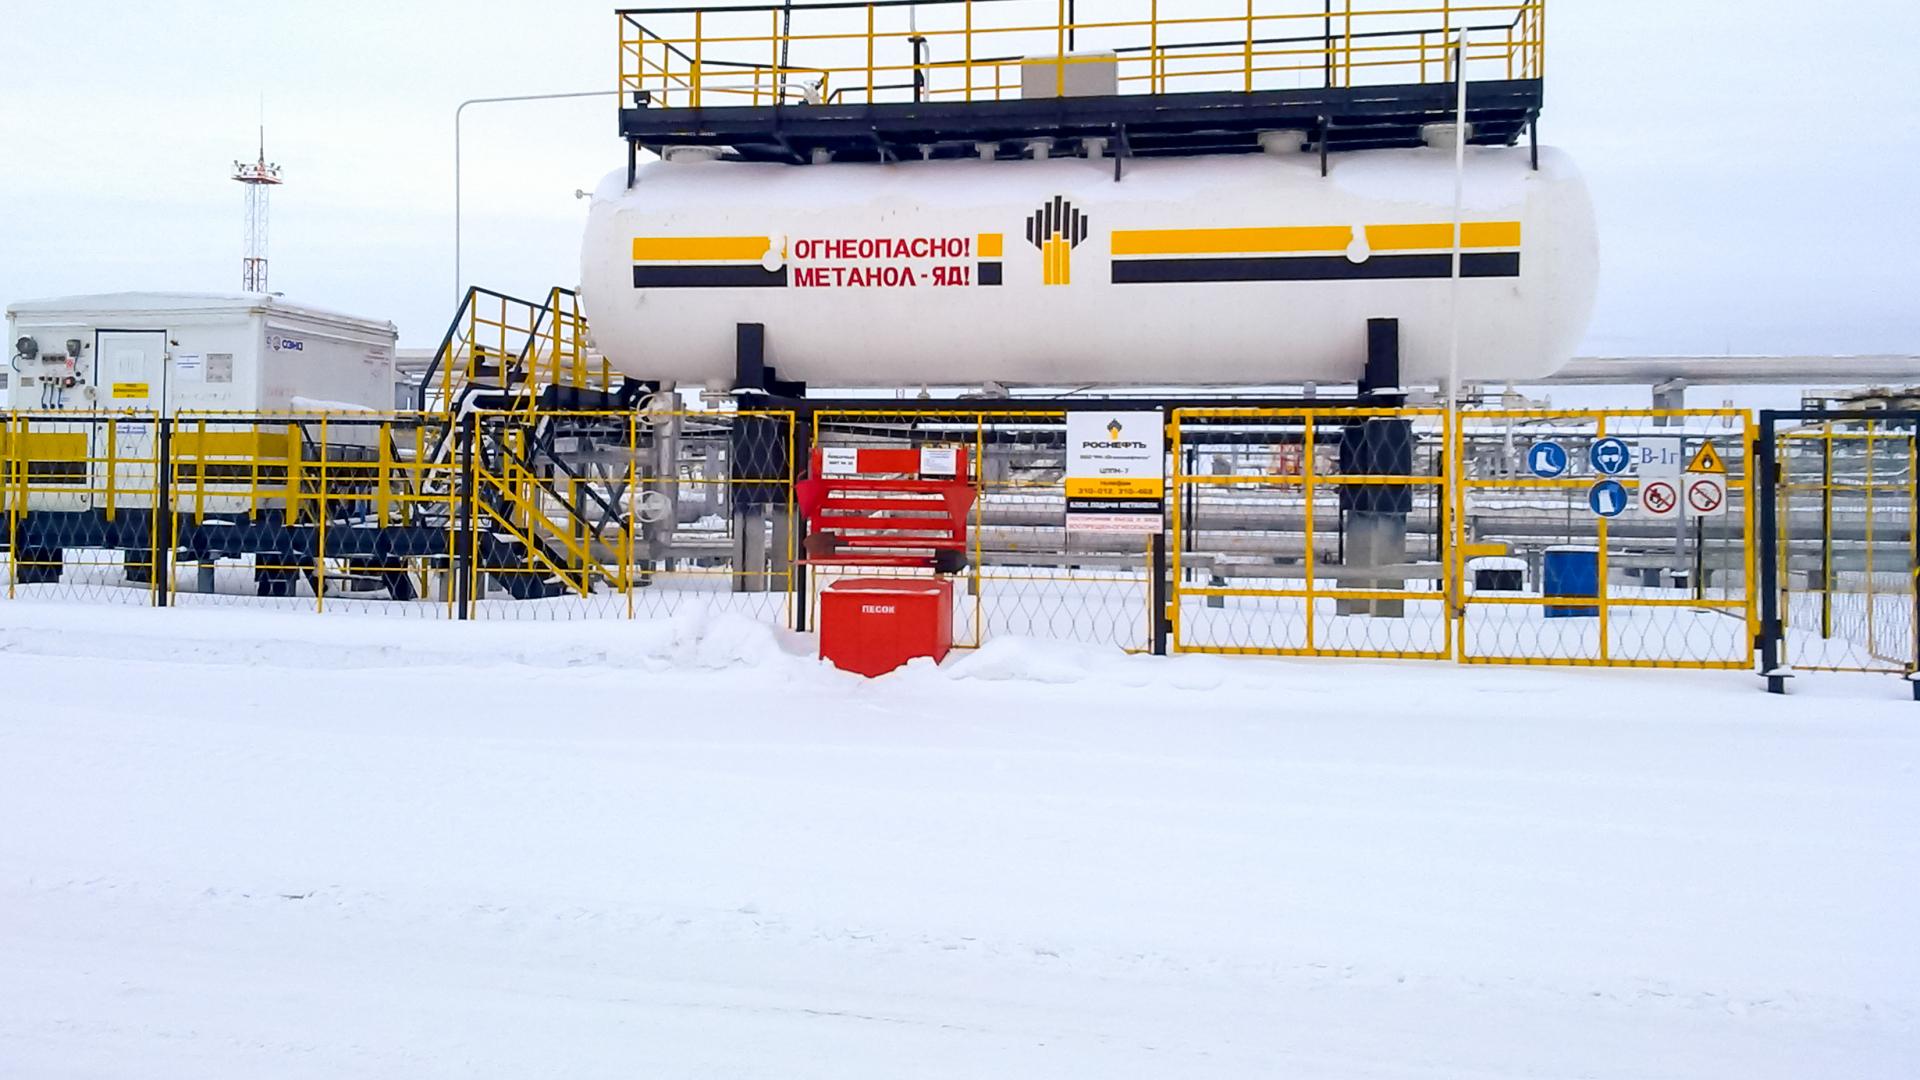 Bilde av en stor beholder av metanol